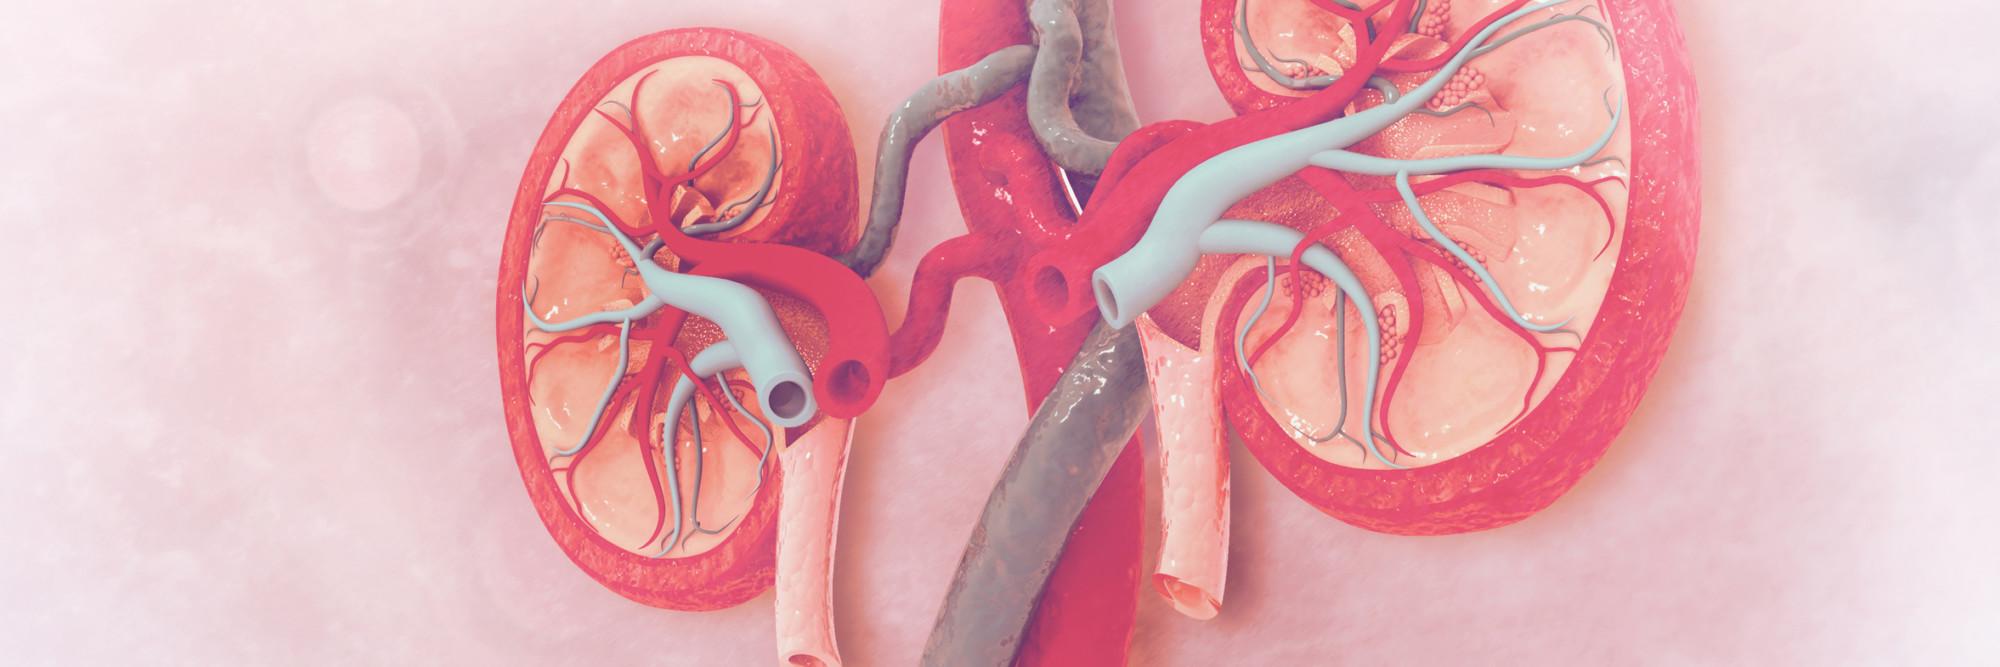 Medizinische Illustration einer Niere mit Blutgefäßen.